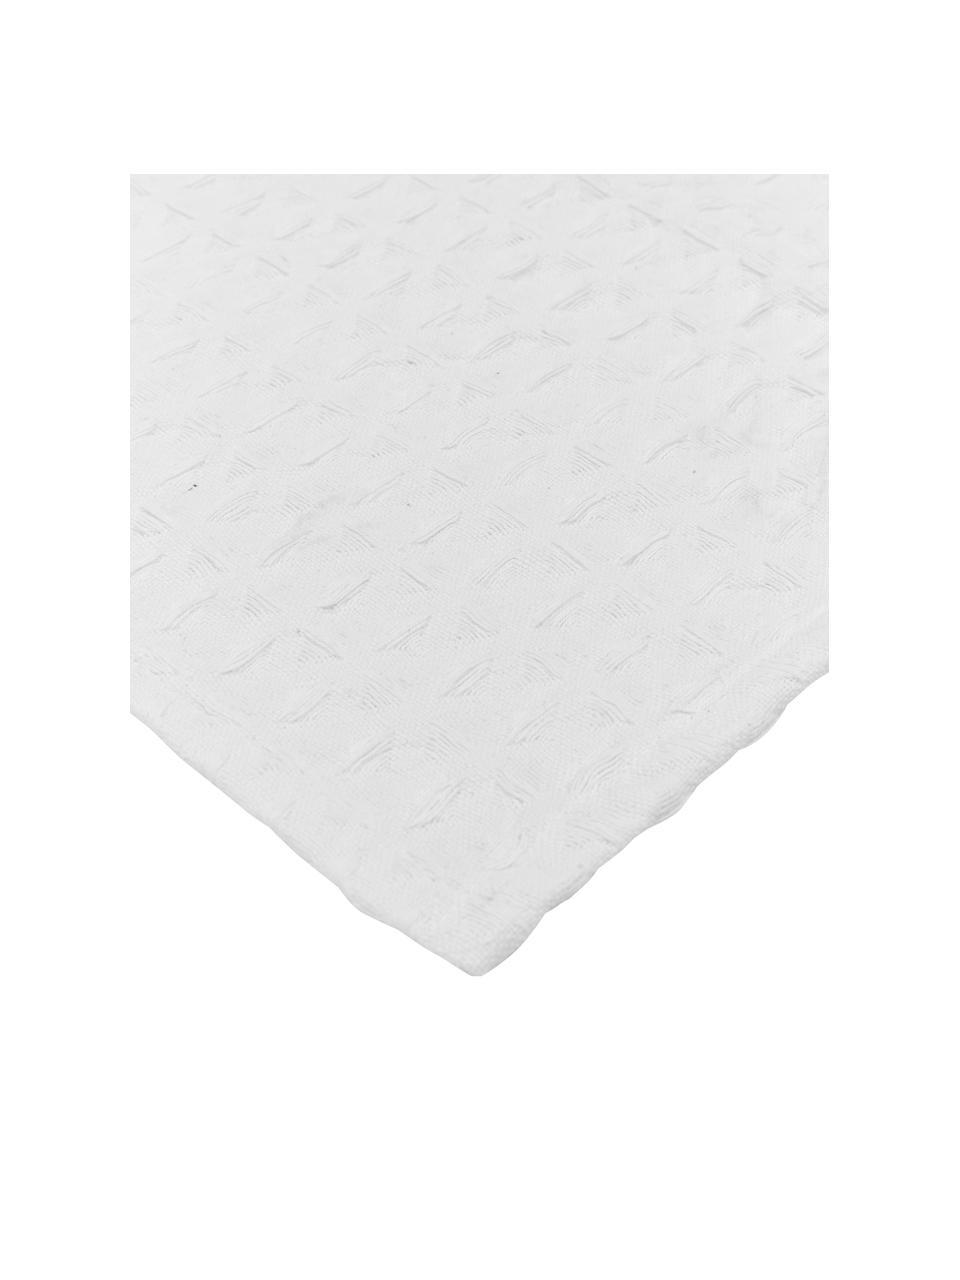 Couvre-lit gaufré Panal, Blanc